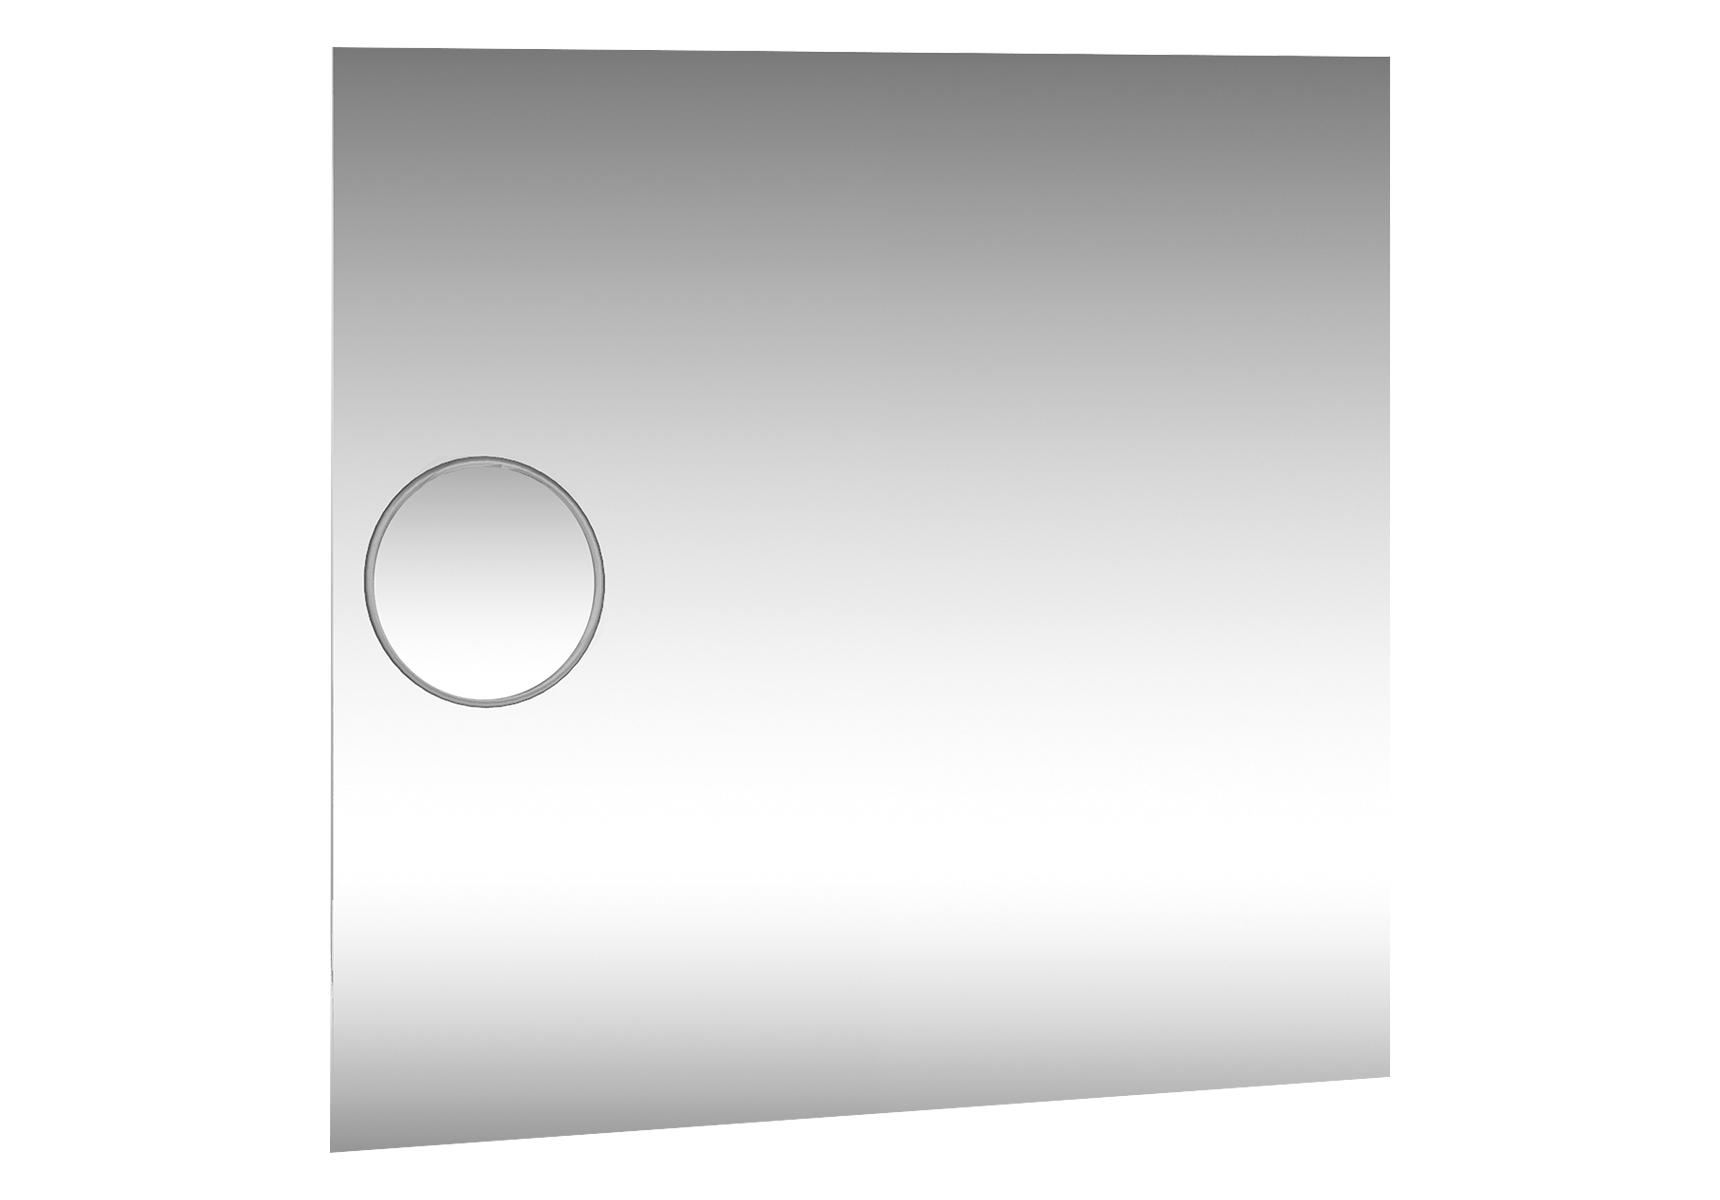 Memoria Deluxe miroir, 100 cm, avec miroir grossissant, avec éclairage haut et bas, avec commande de capteur